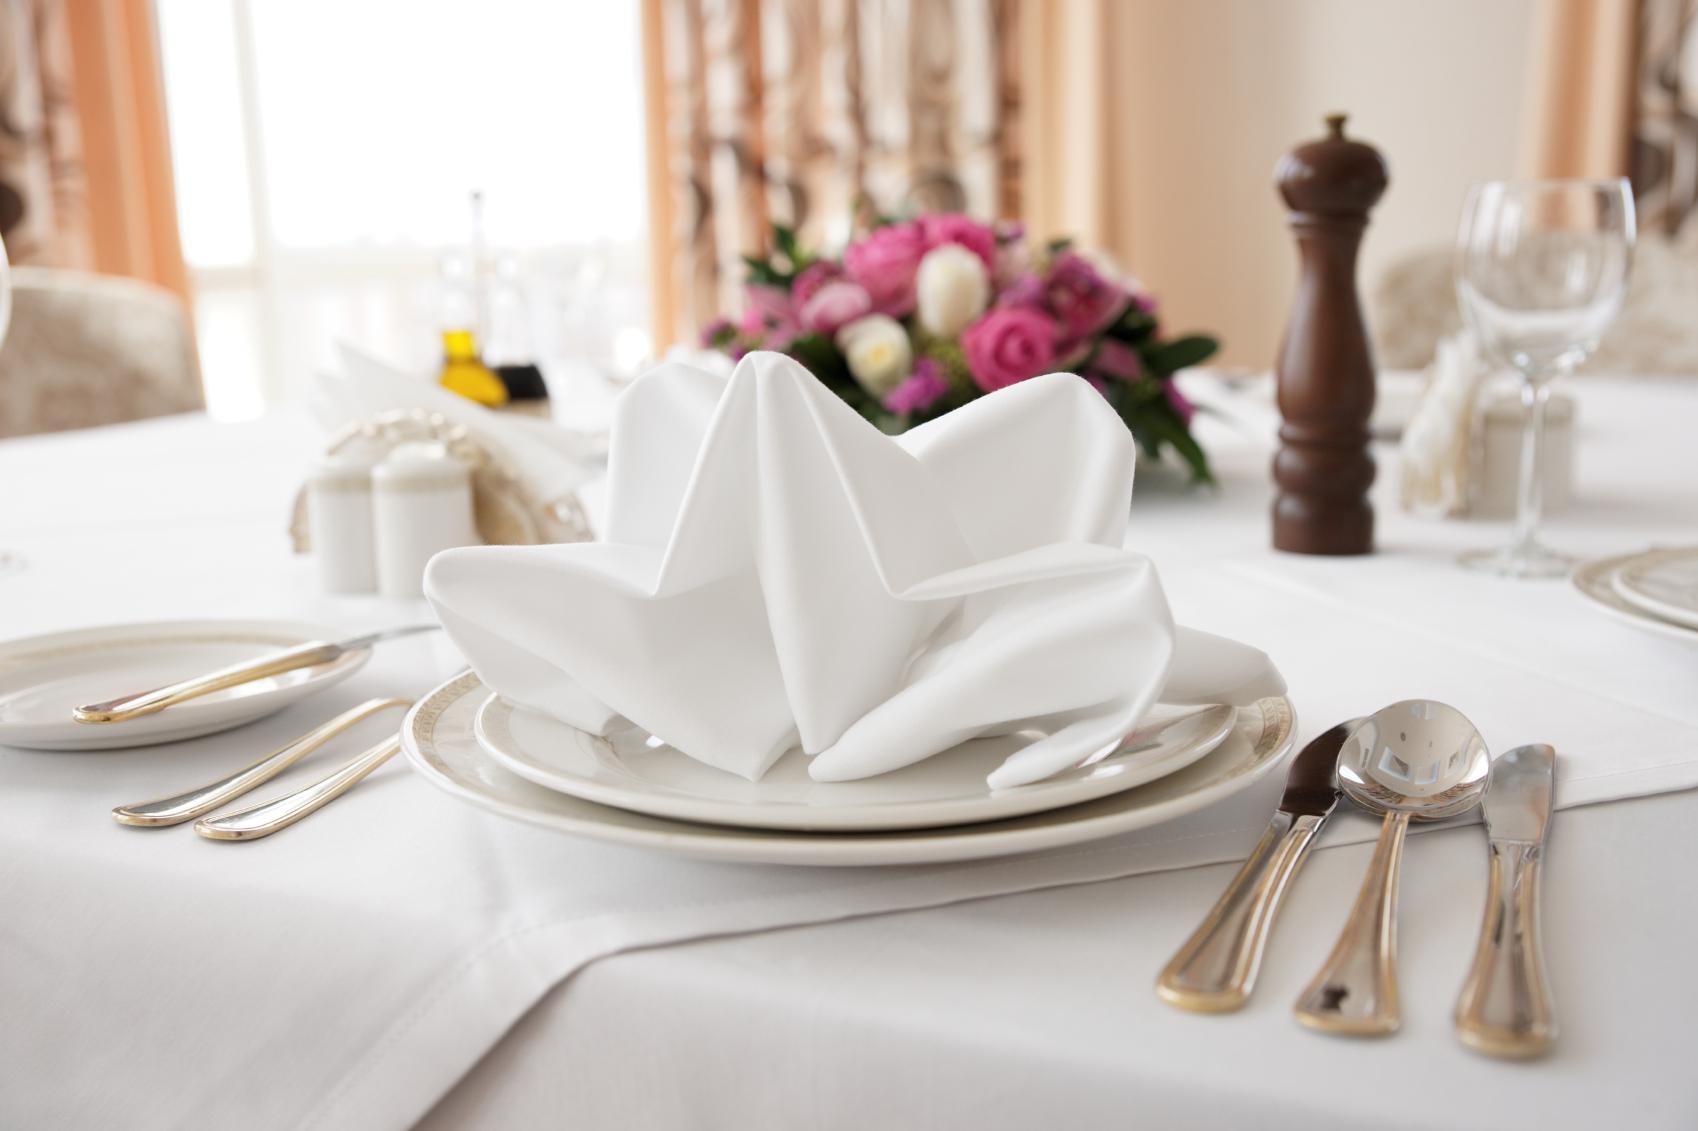 Teller Besteck Gläser Den Tisch Richtig Decken Kücheco